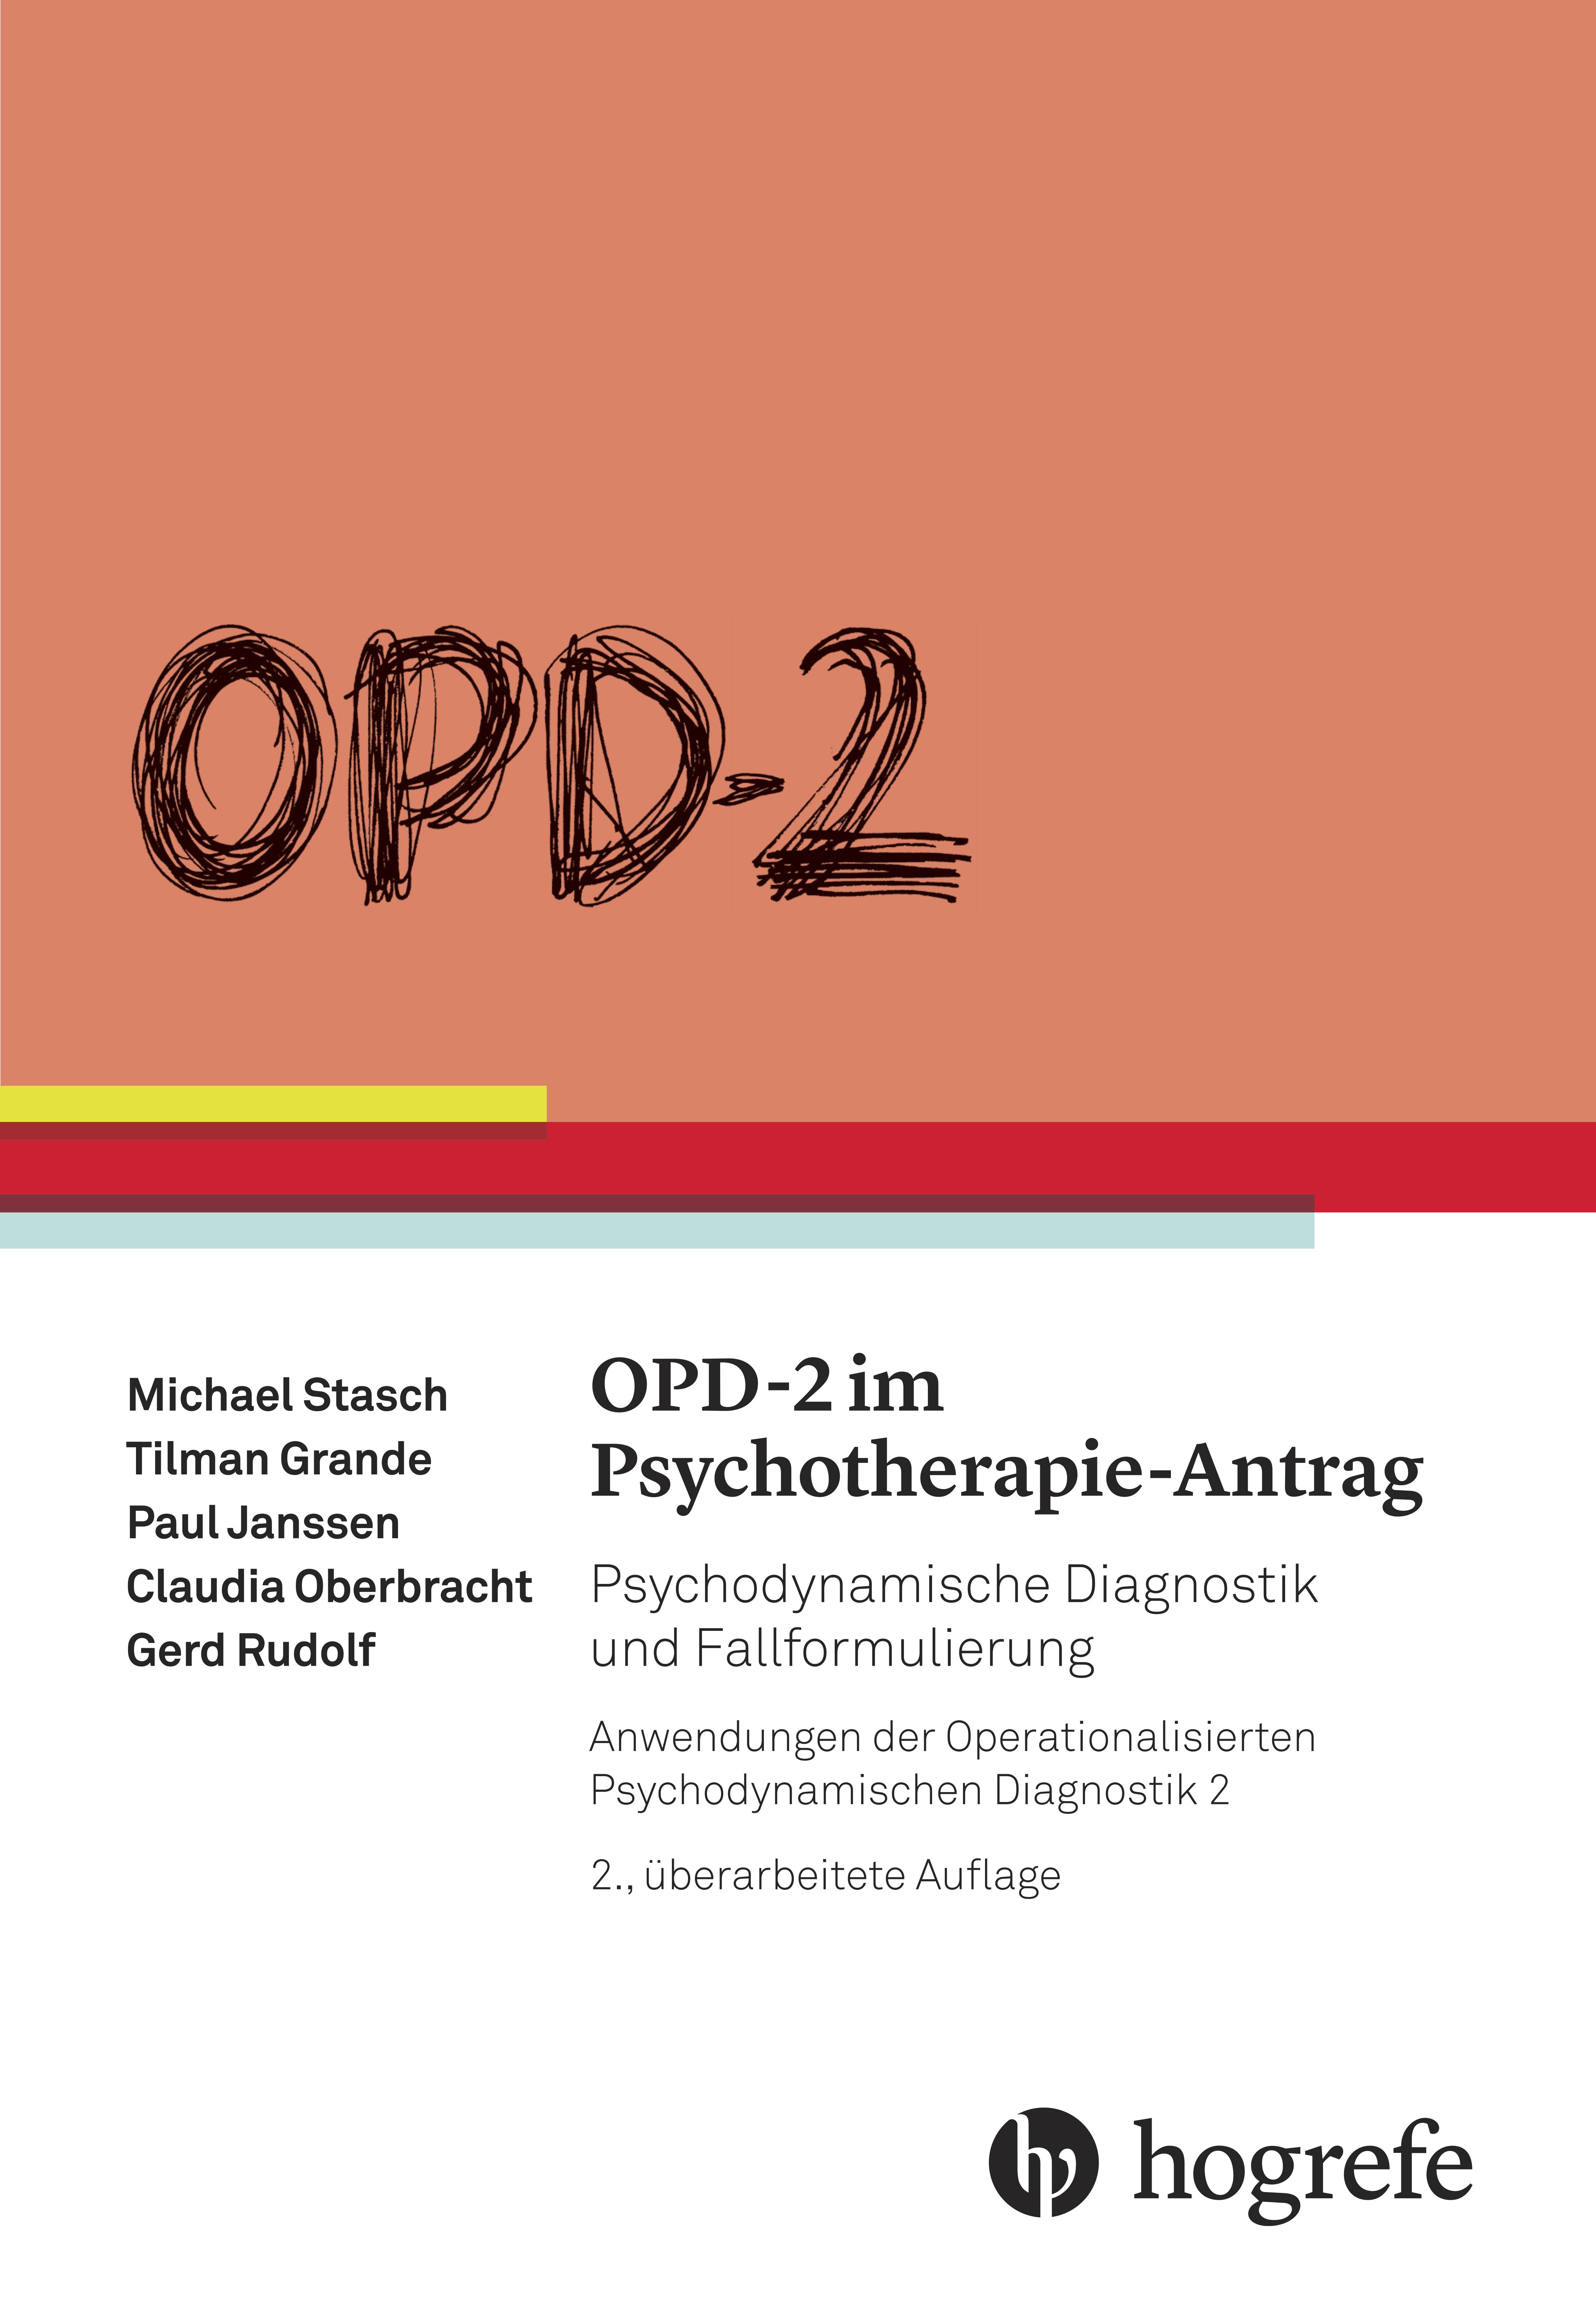 OPD-2 im Psychotherapie-Antrag: